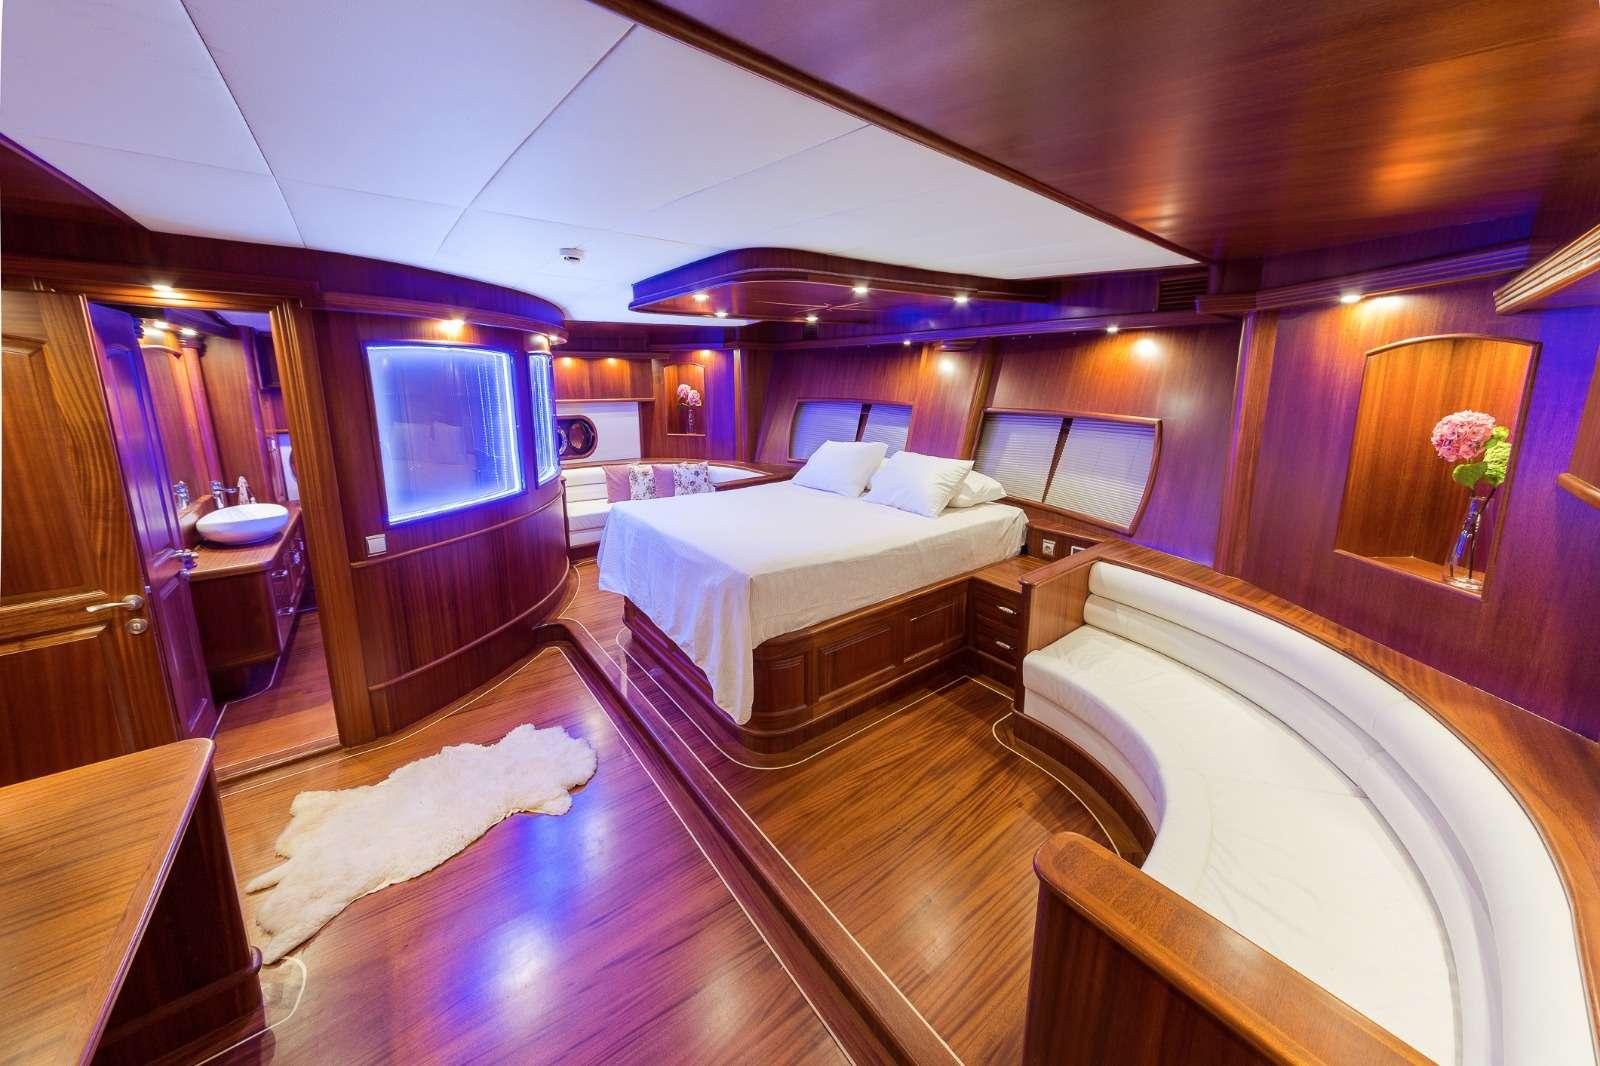 HALCON DEL MAR yacht image # 5